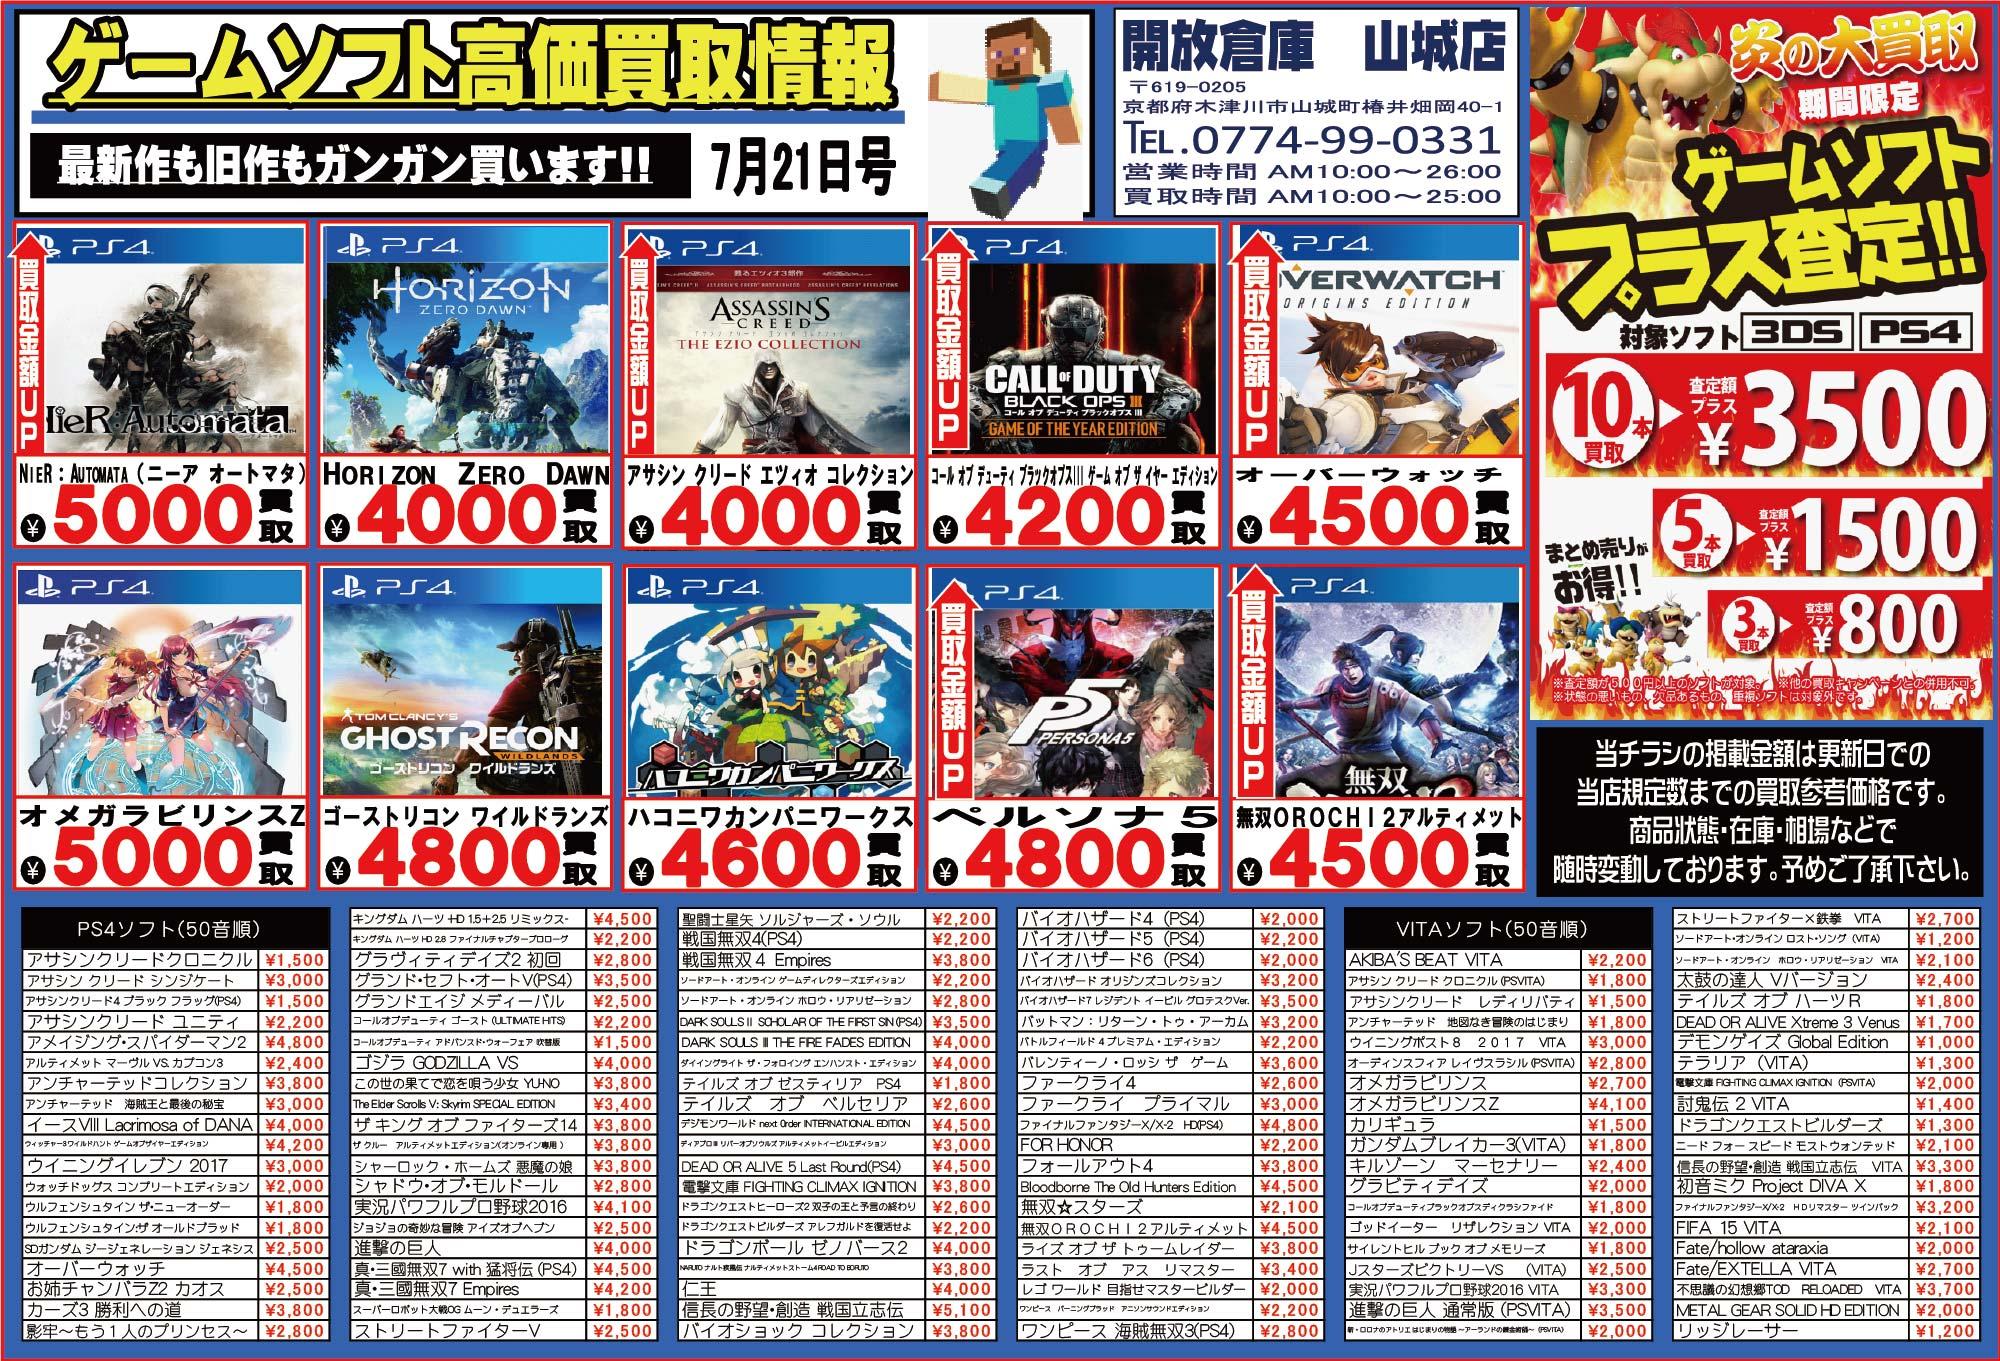 「開放倉庫山城店」7月21日号ゲームソフト高価買取情報!最新作も旧作もガンガン買います!!